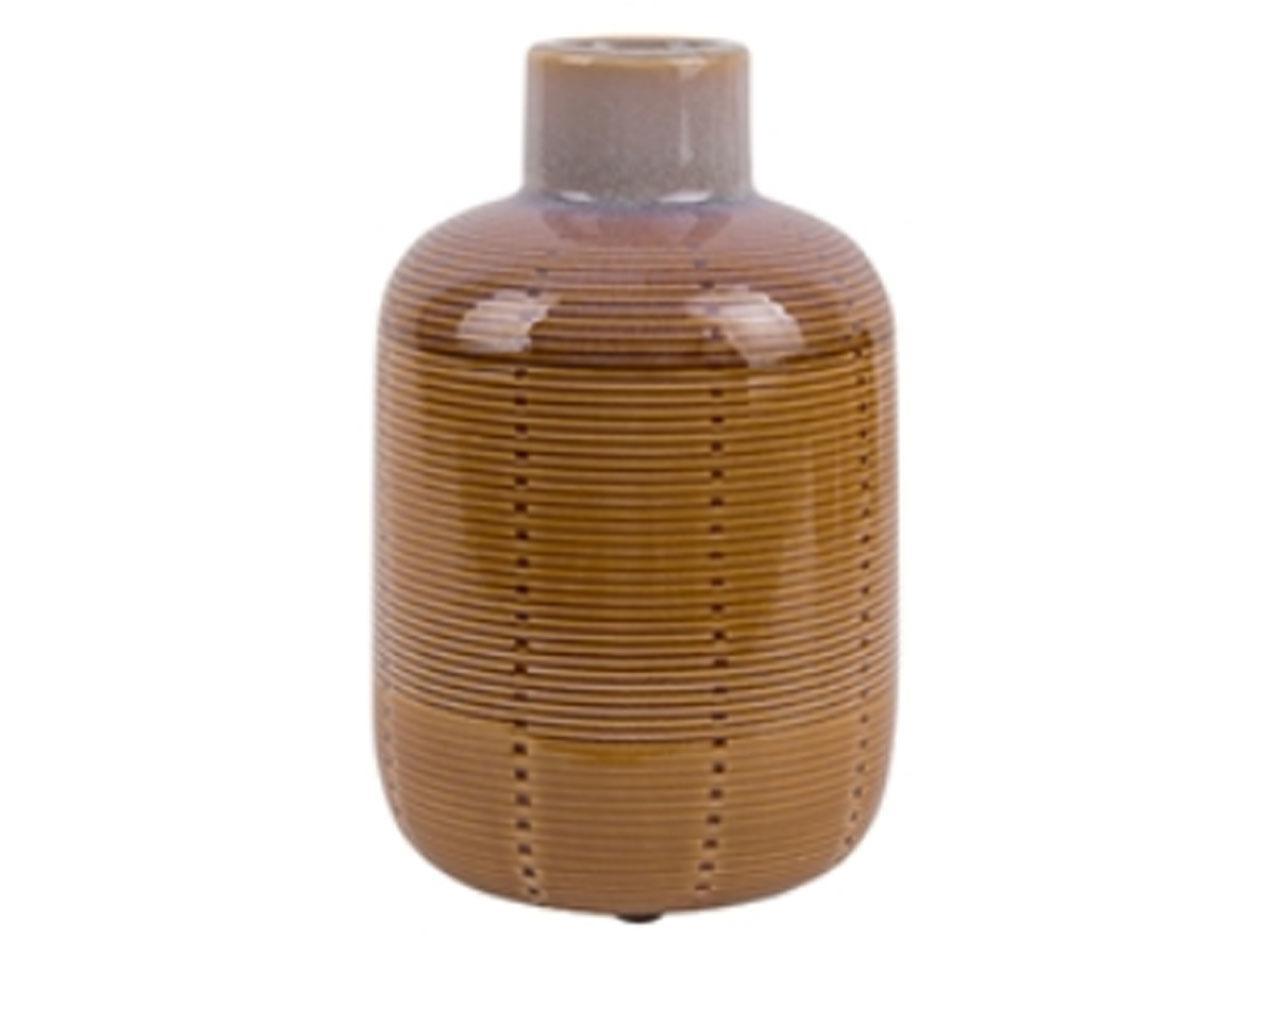 Sada 2 ks – Stredná váza Bottle – žltá